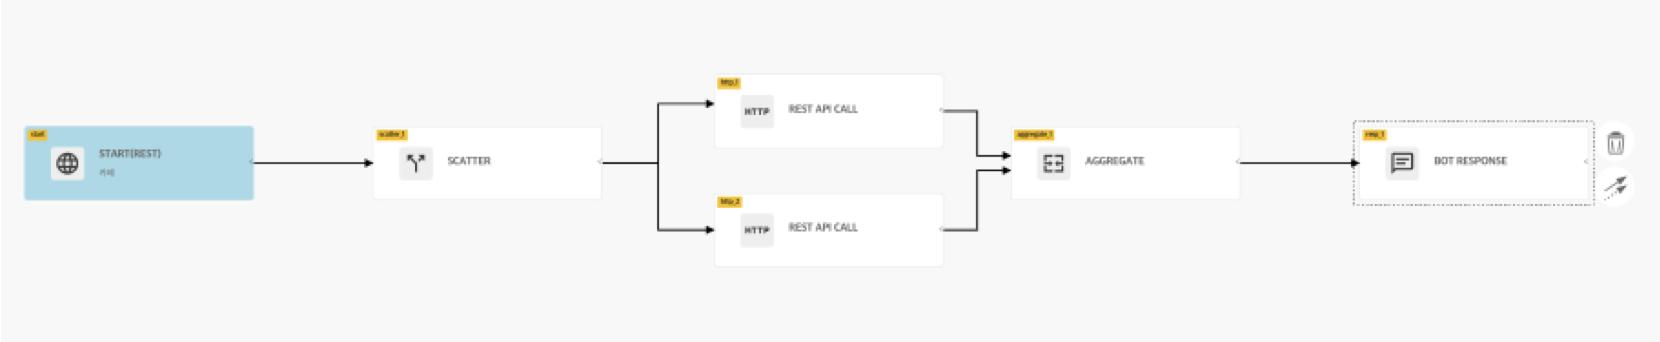 2개 이상의 REST API 조합